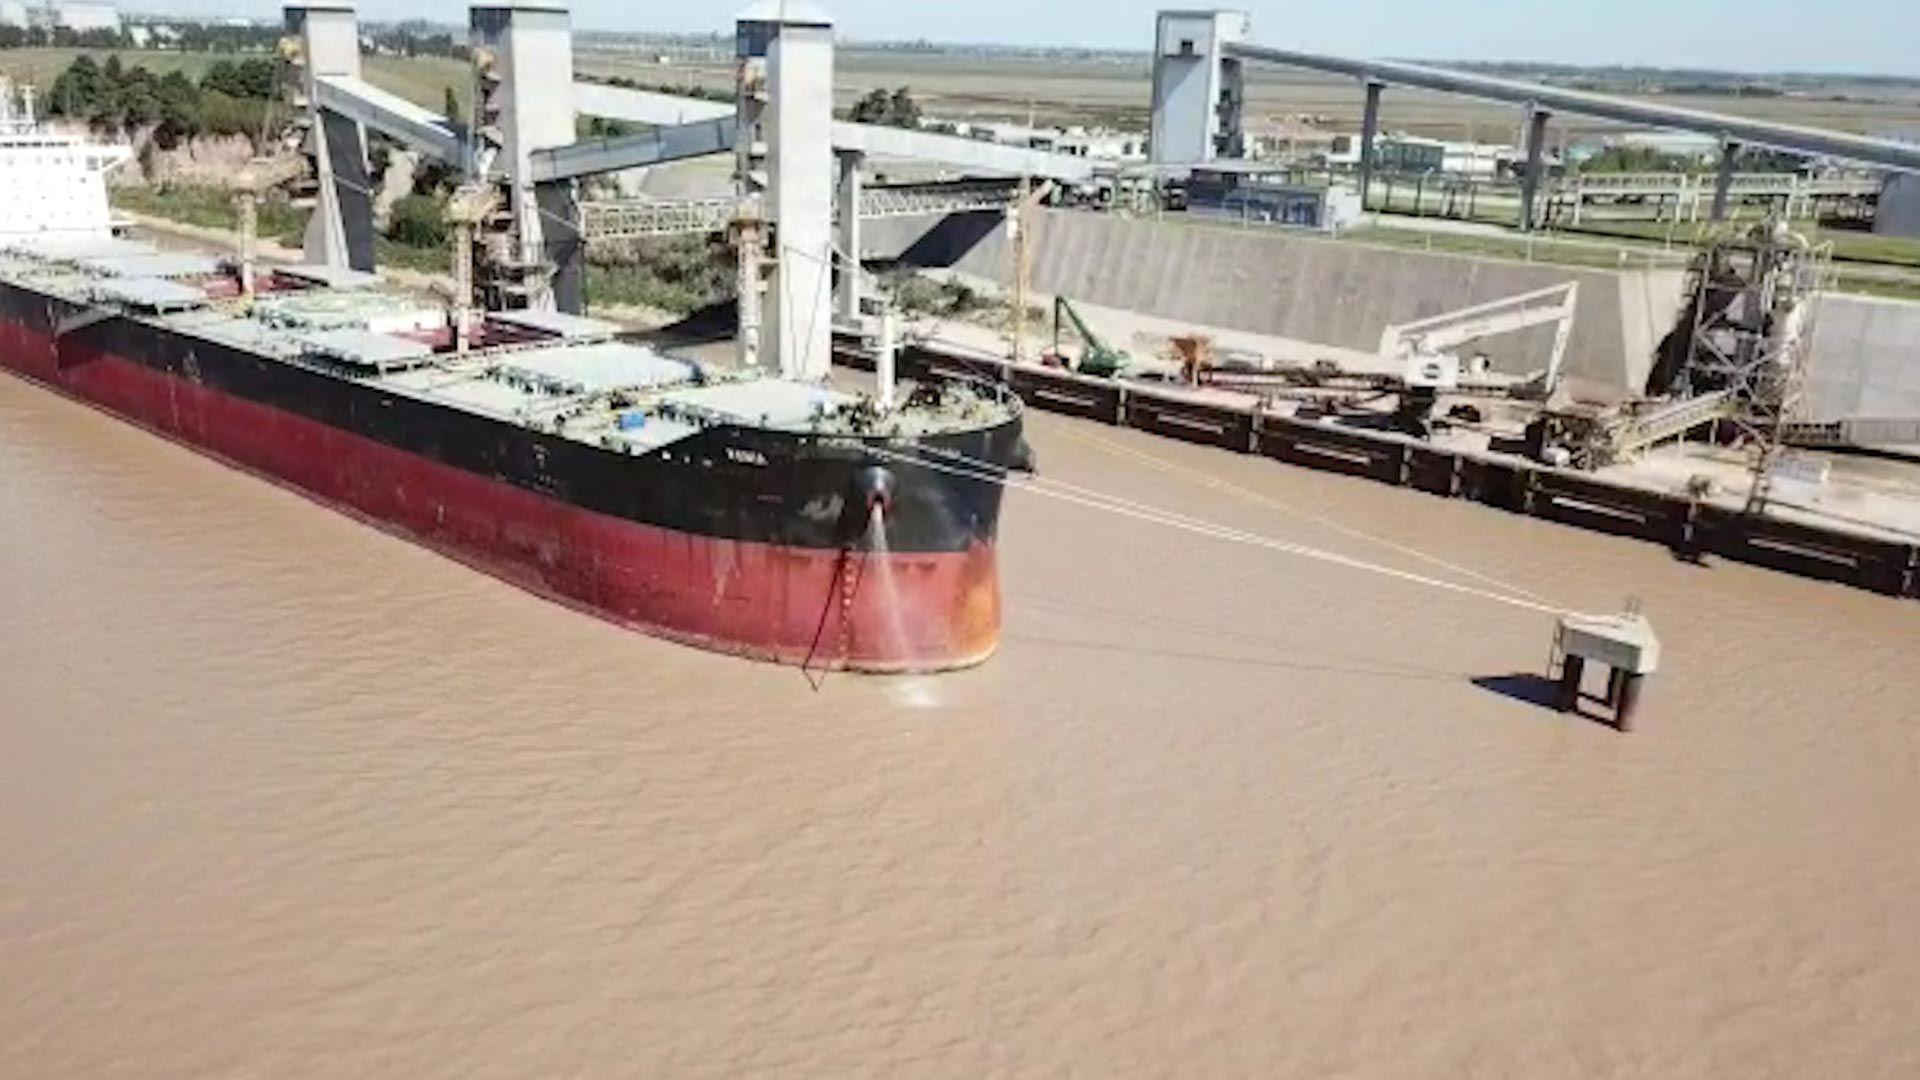 La bajante del Río Paraná afecta a la logística del sector agroindustrial (Bolsa de Comercio de Rosario)